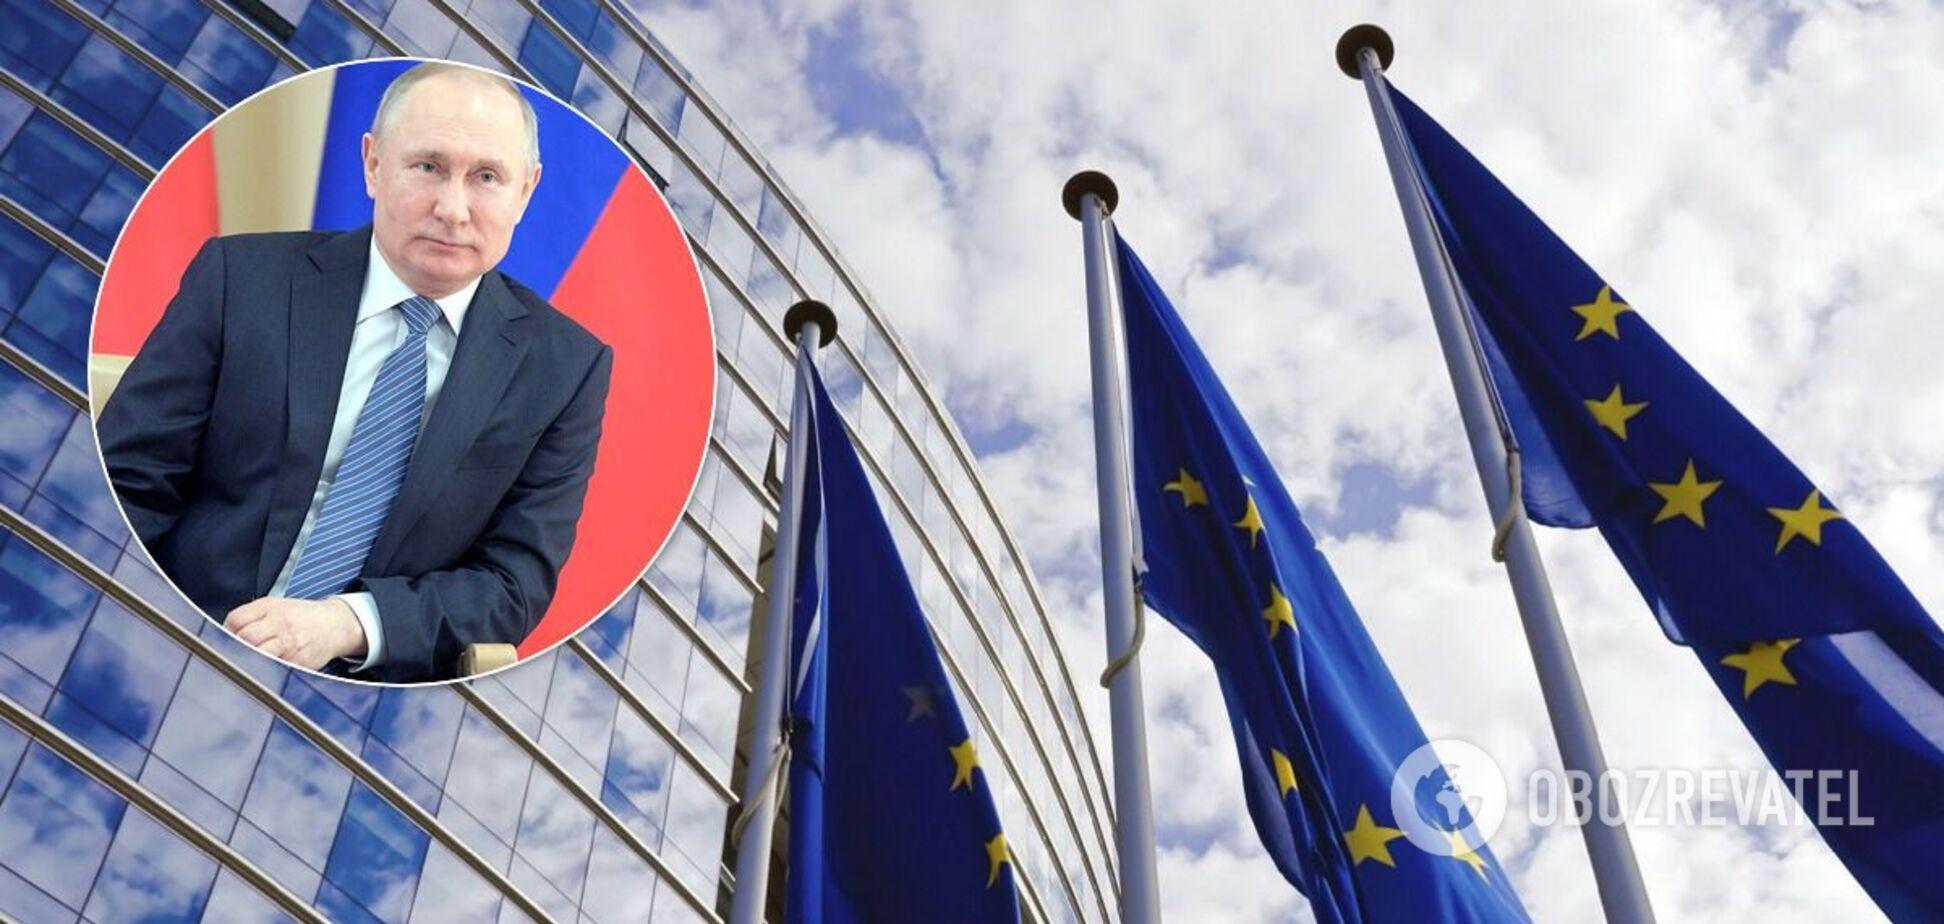 Шарль Мішель і Володимир Путін обговорили протести в Білорусі